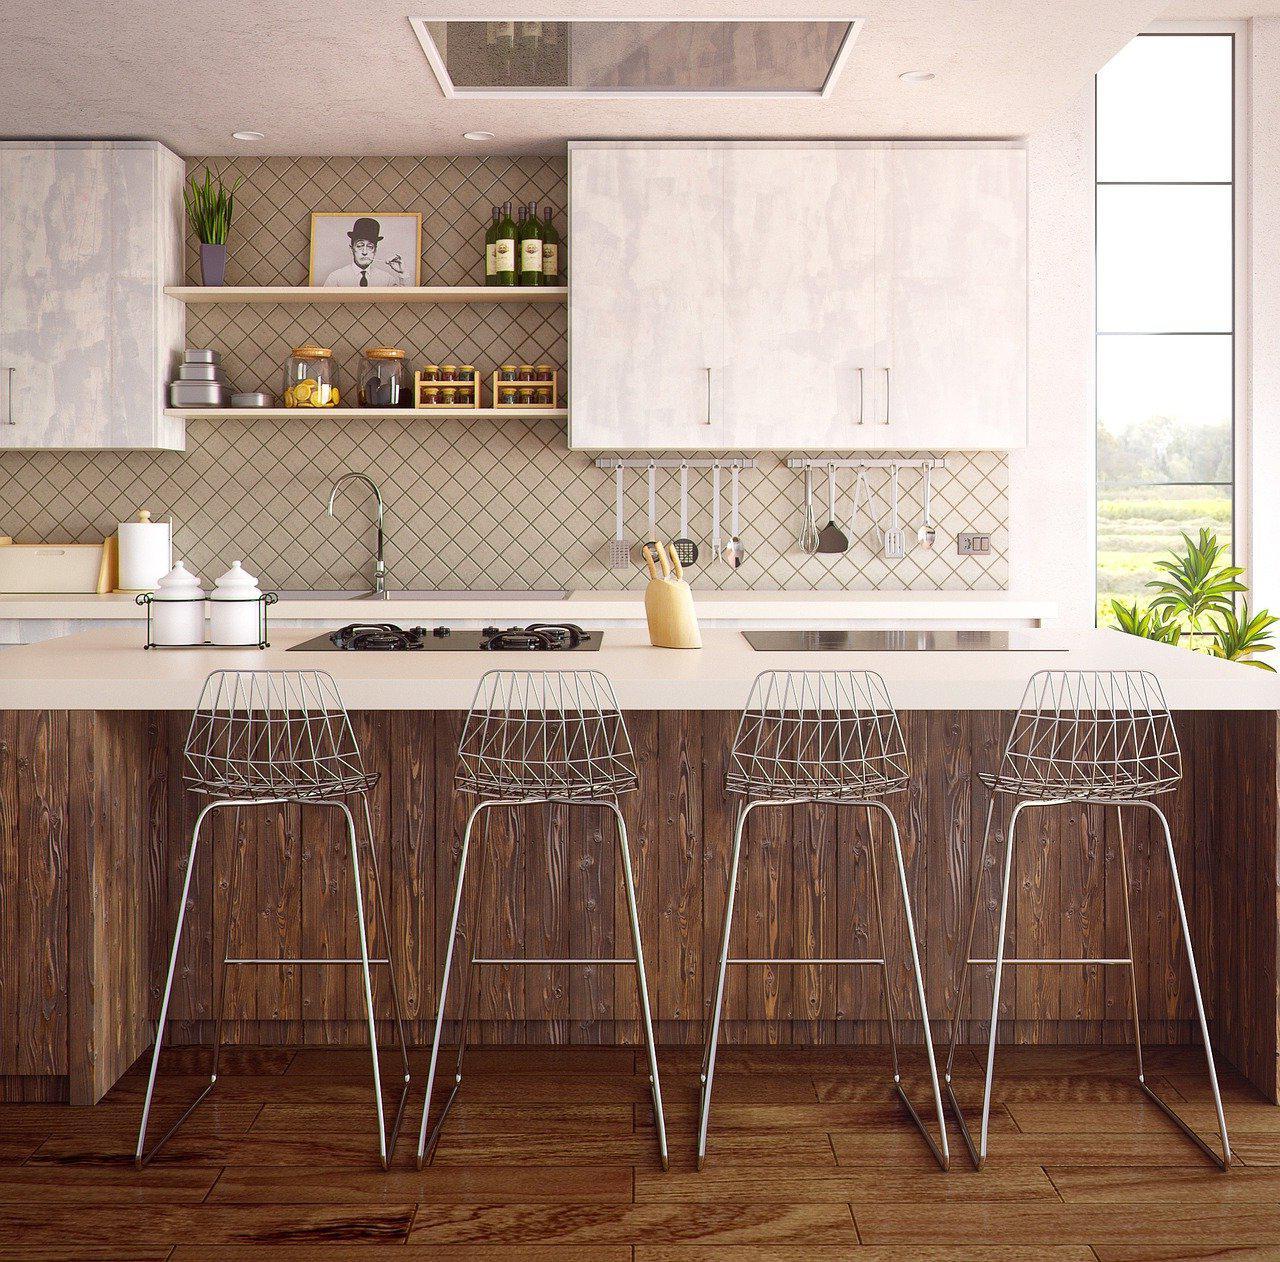 Rénovation de cuisine à Lillers 62190 : Les tarifs